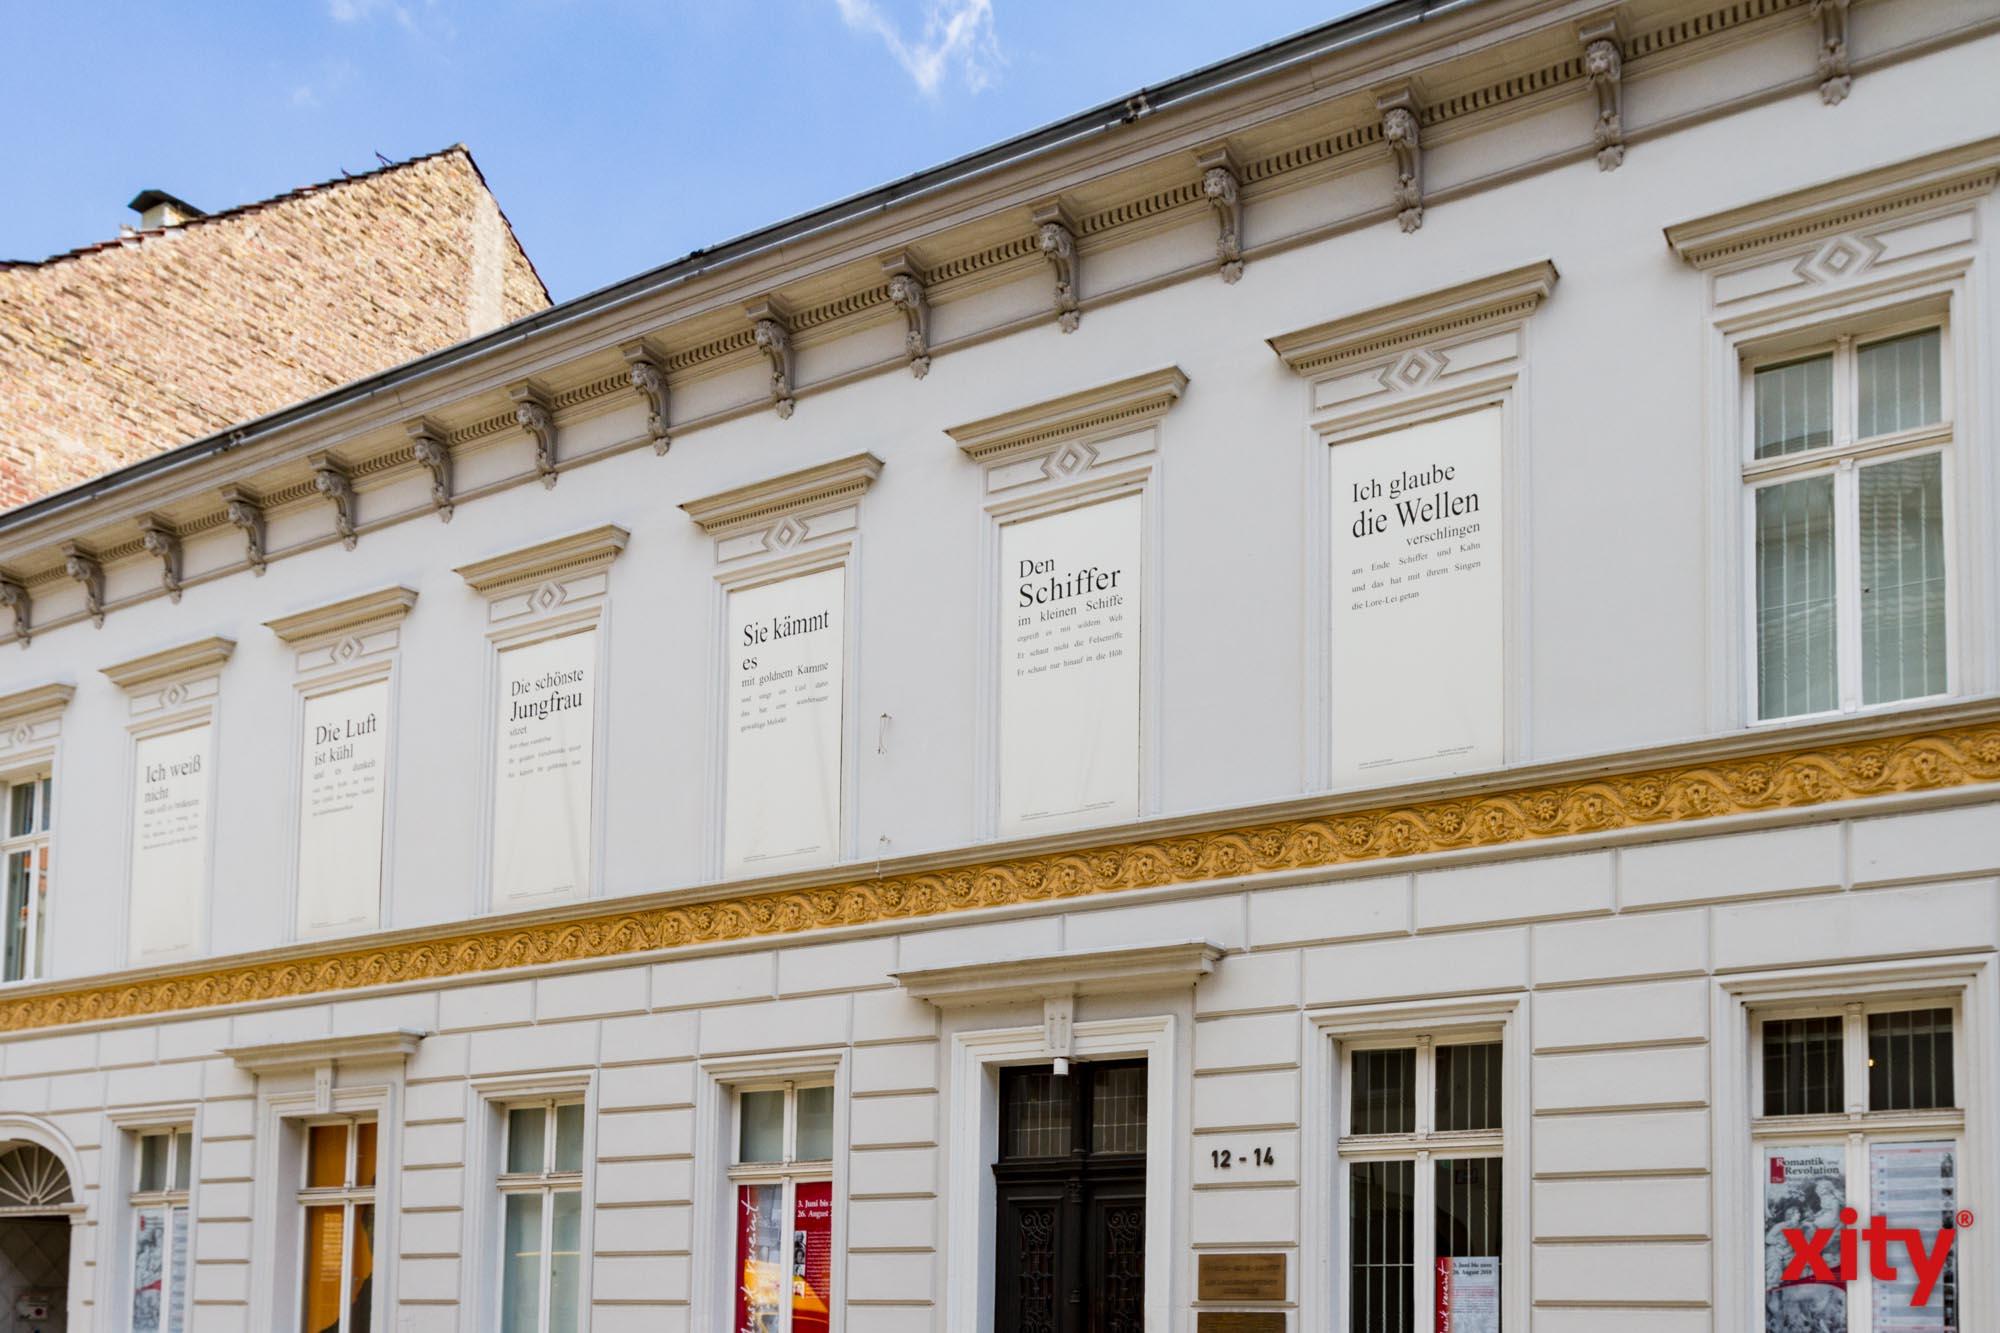 Digitales Kulturarchiv d:kult zeigt Objekte zum Thema Frühling aus dem Heinrich-Heine-Institut (Foto: xity)